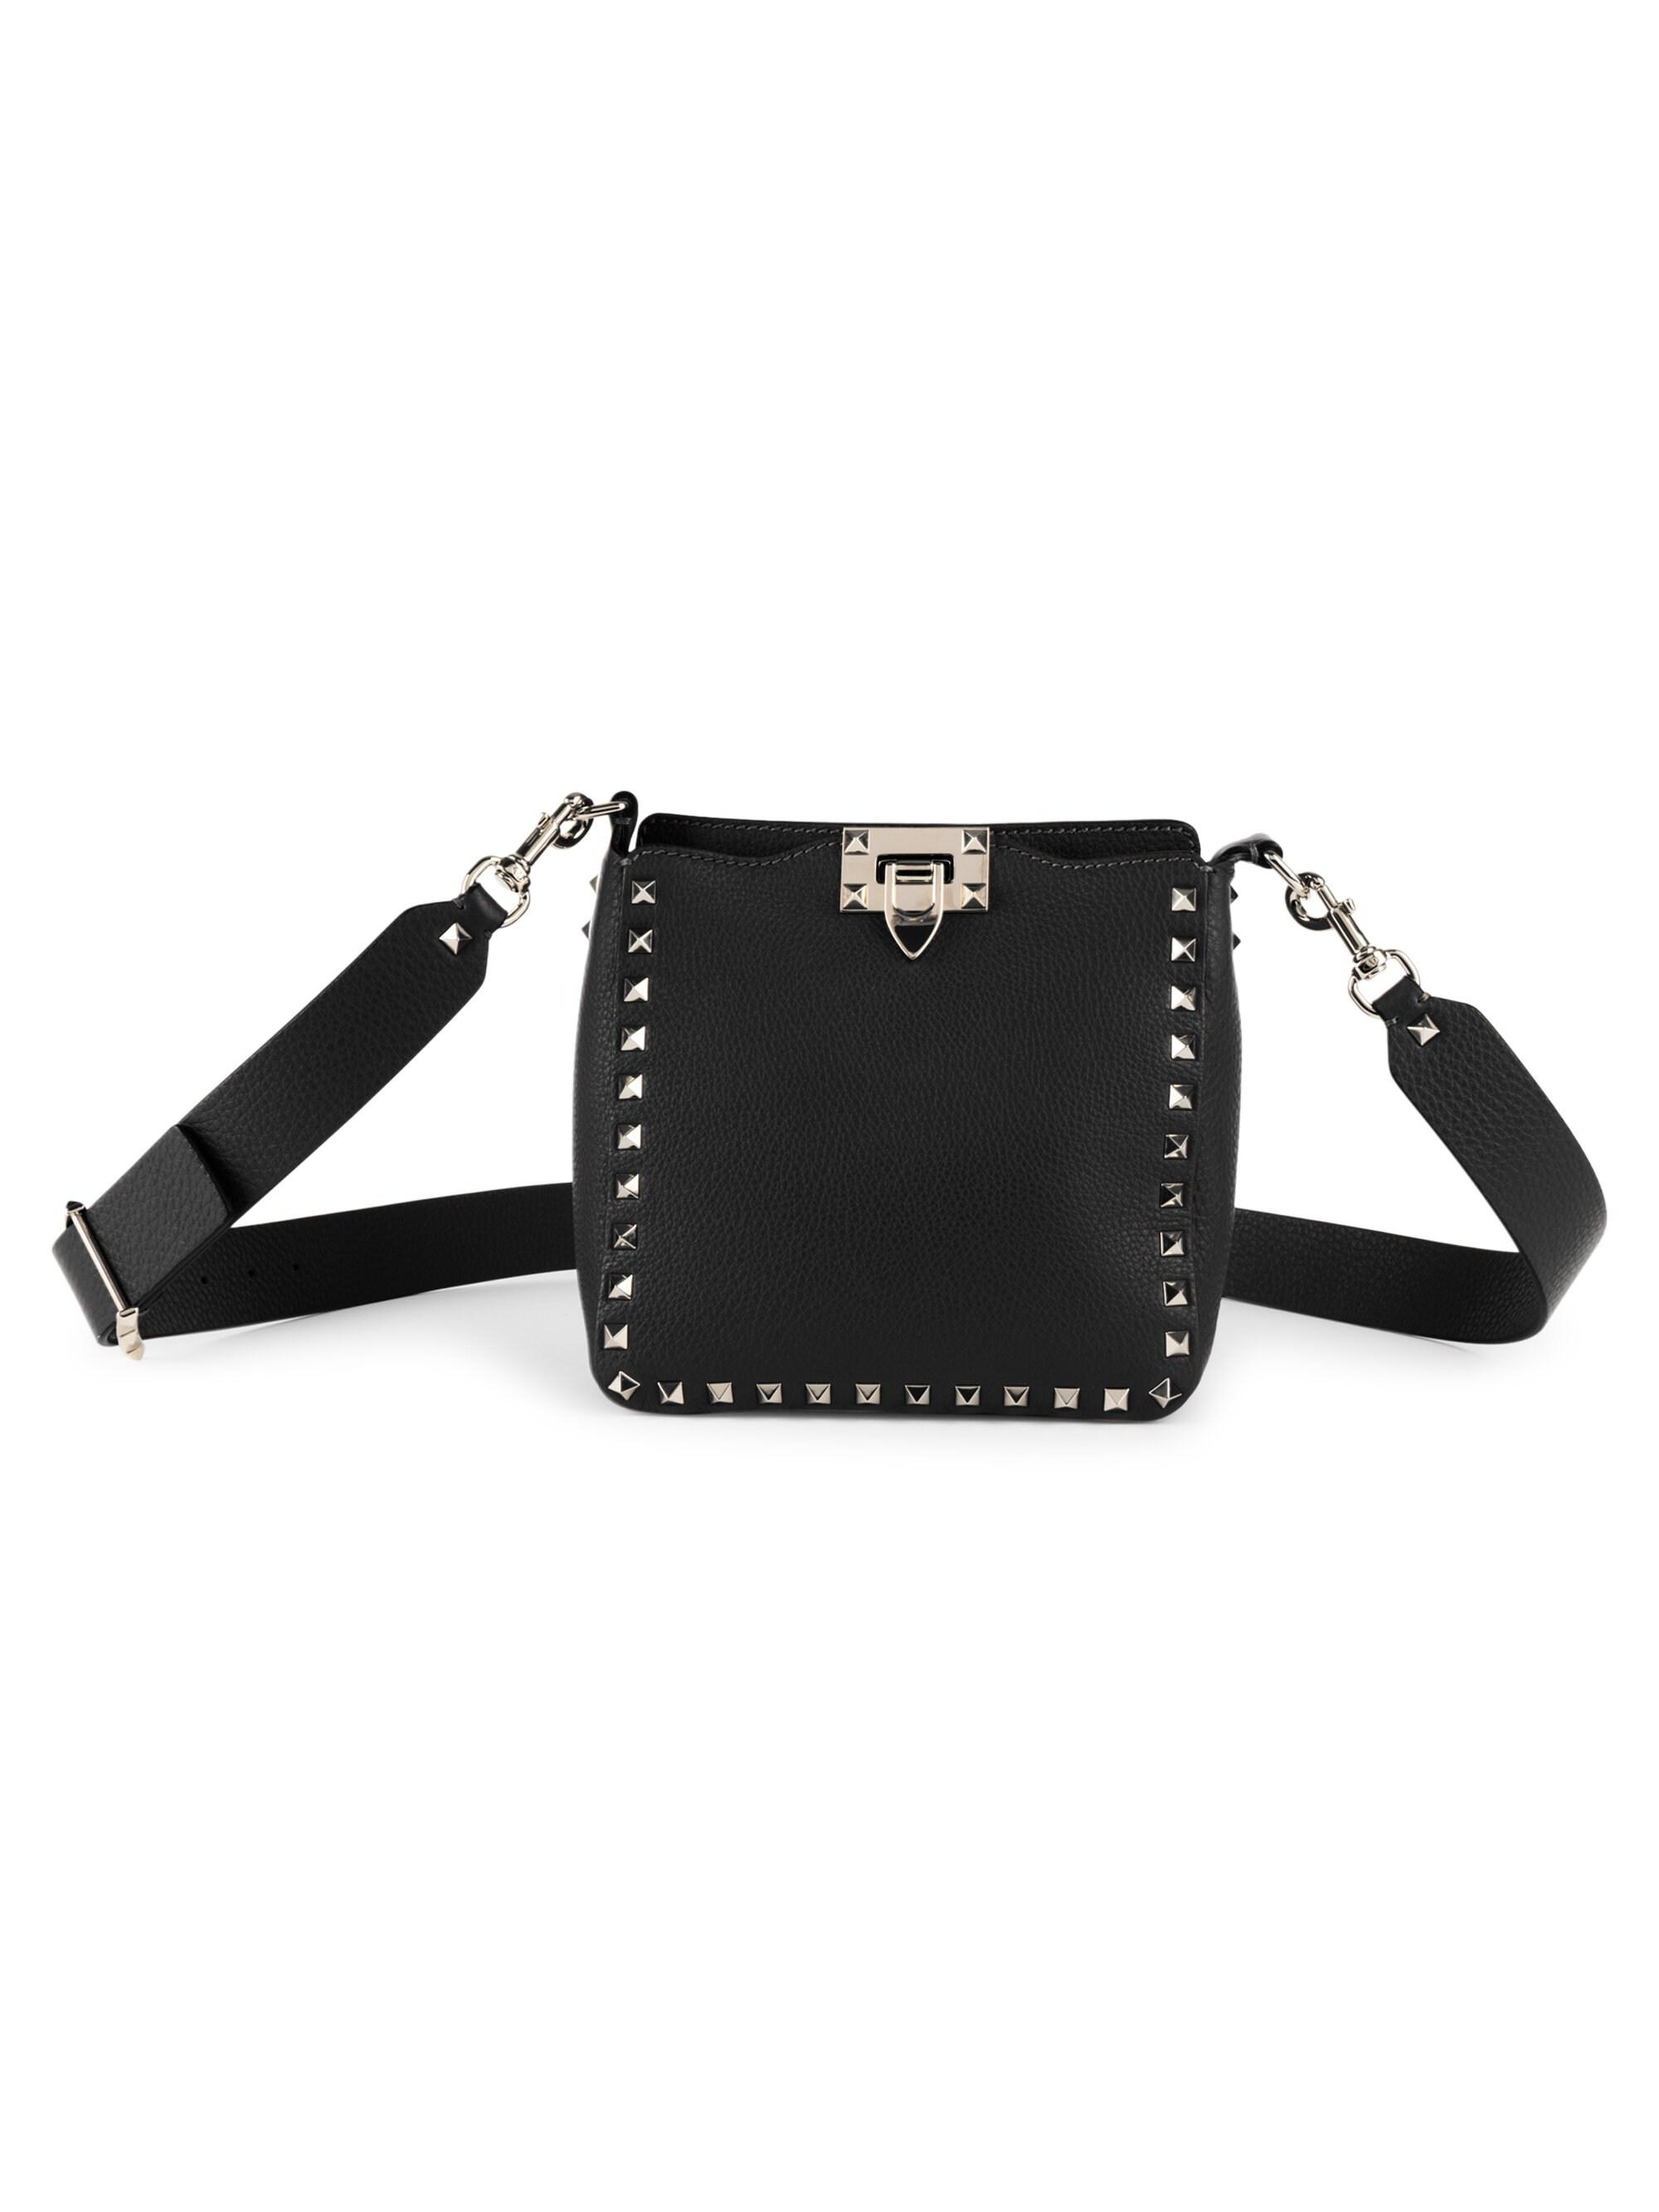 5db6d8c0b0 Valentino - Black Women's Mini Rockstud Leather Hobo Bag - Wine - Lyst.  View fullscreen